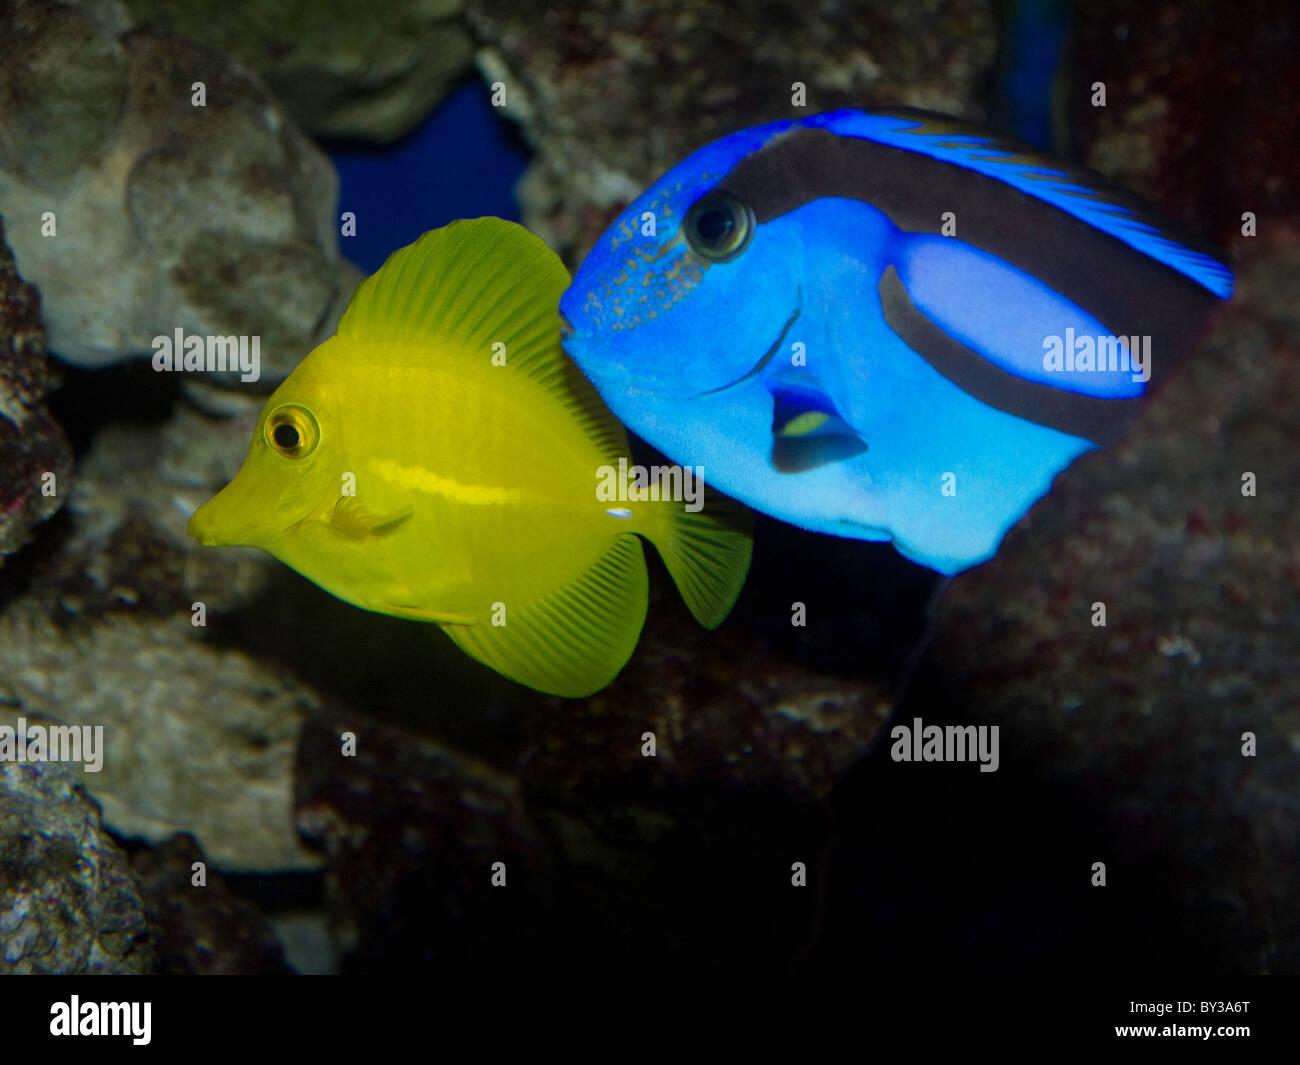 Yellow tang and blue tang tropical fish from hawaii stock for Yellow tang fish